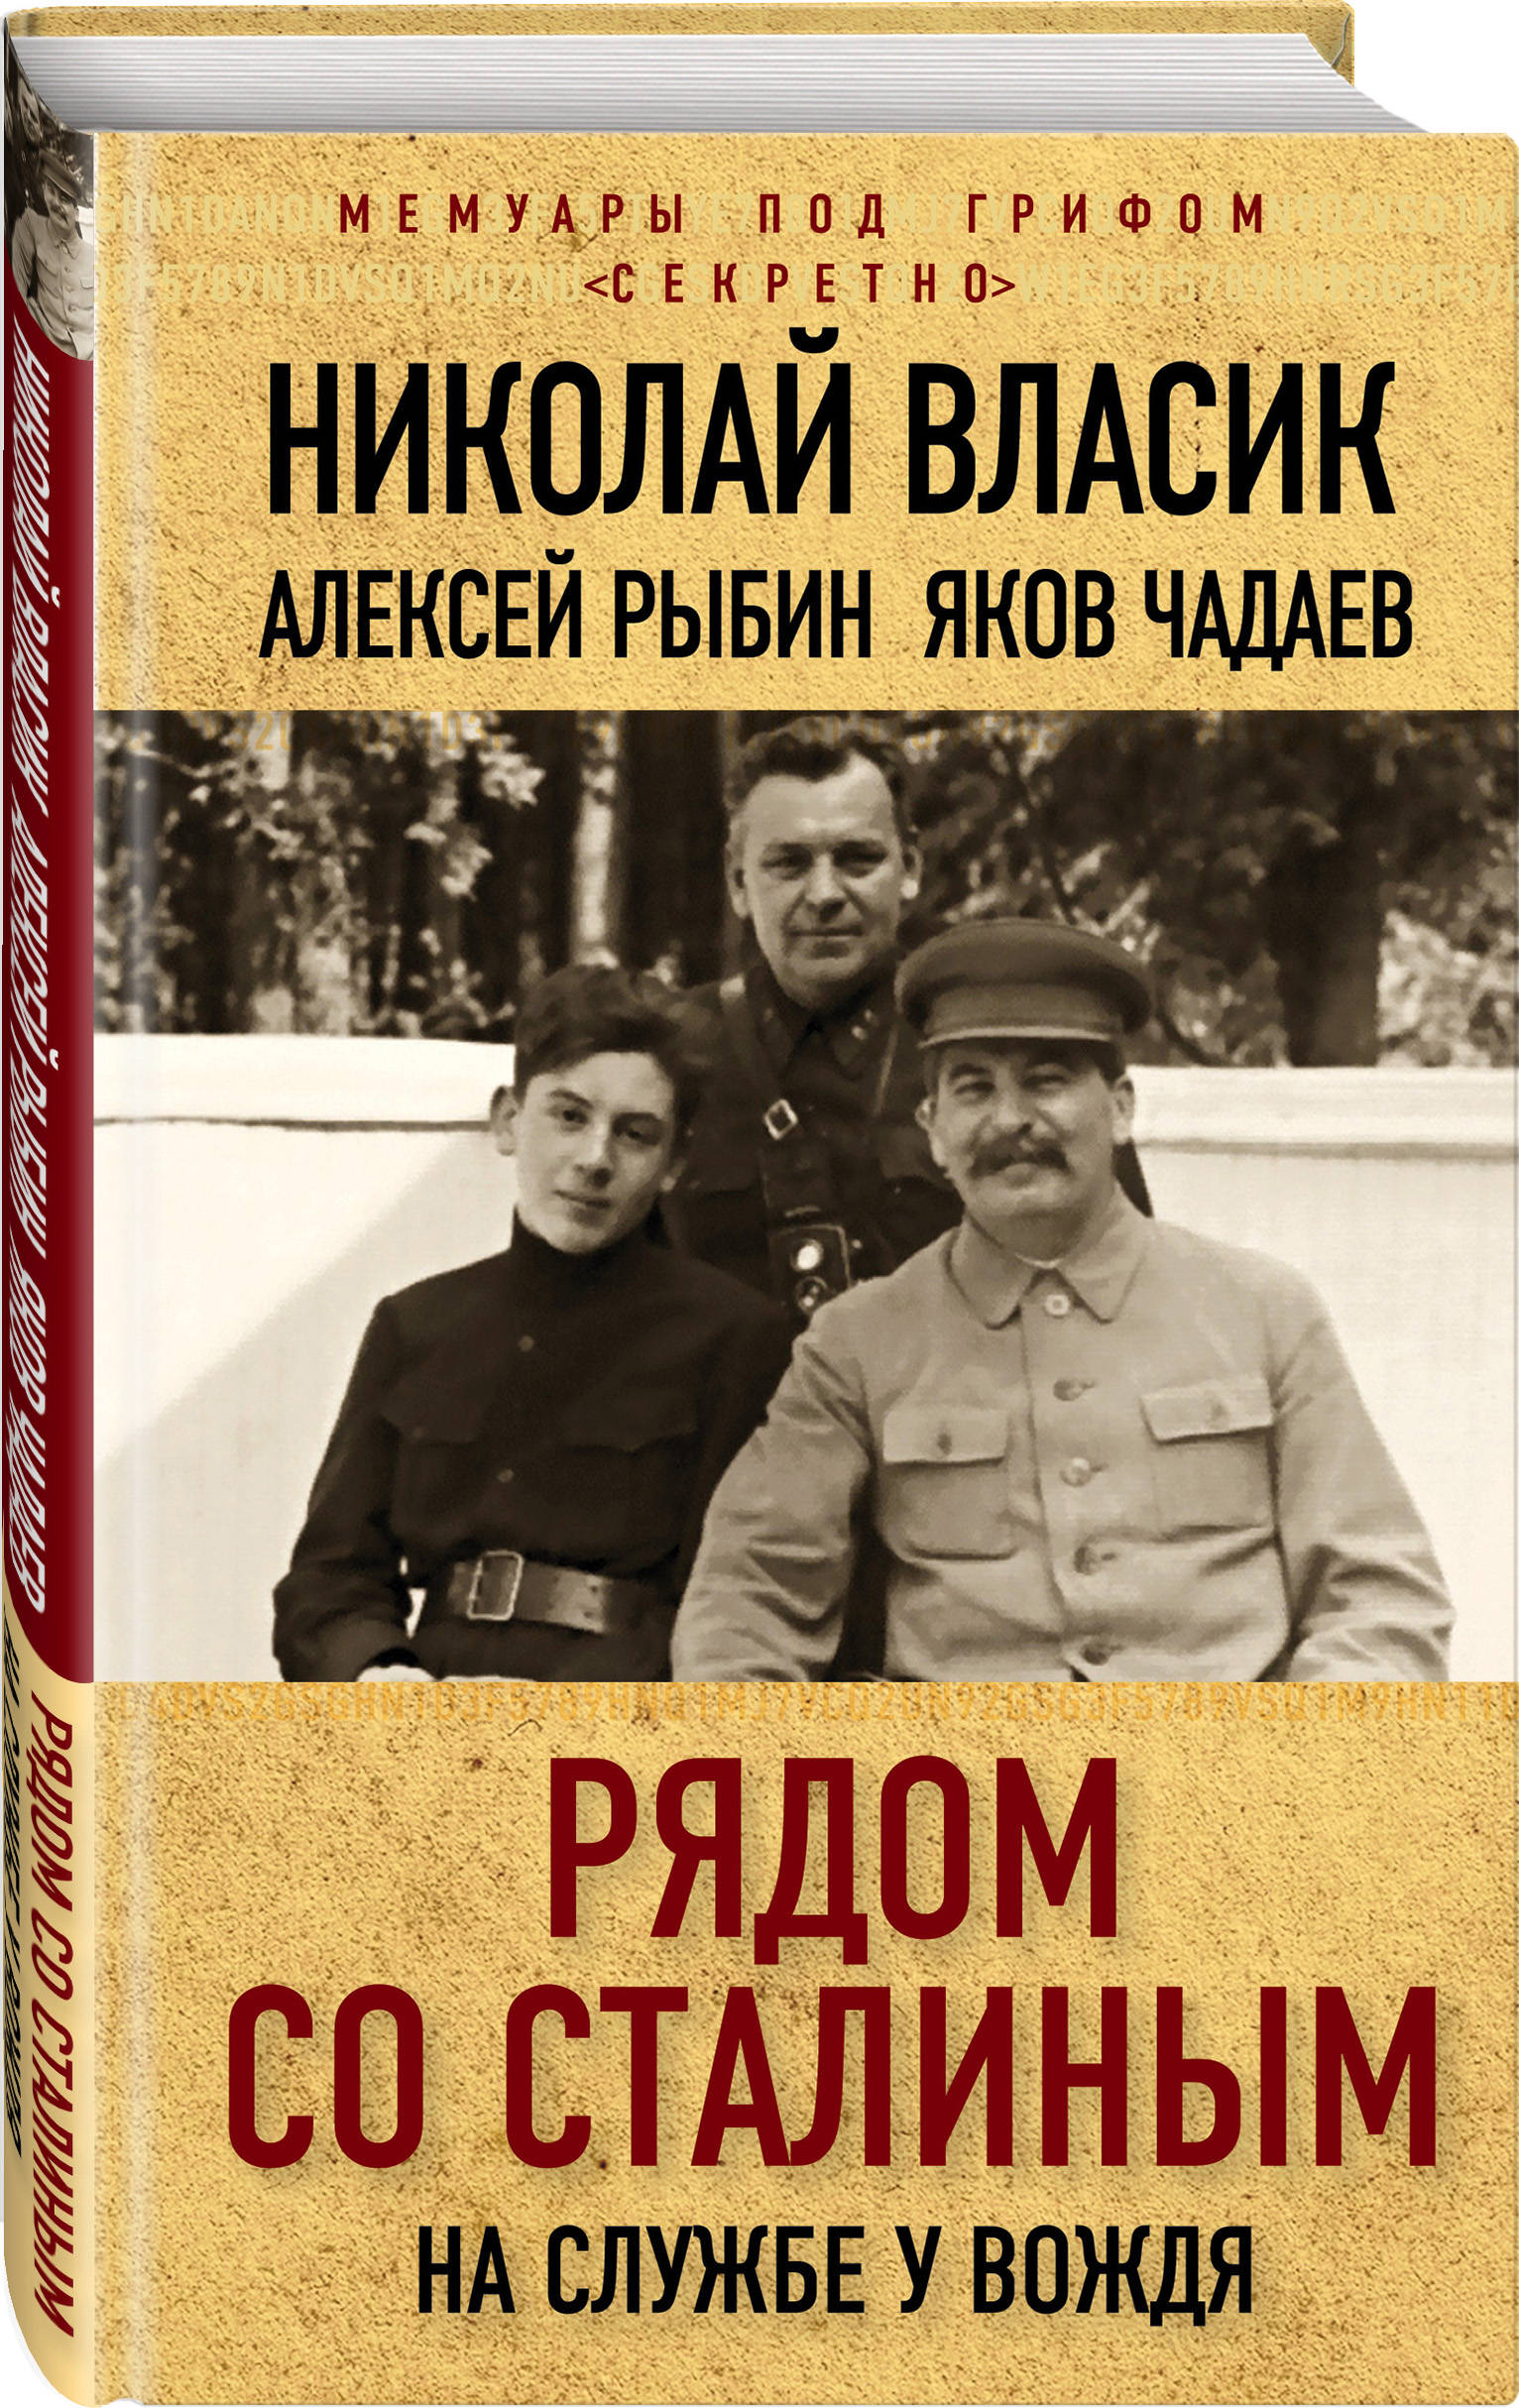 Николай Власик, Алексей Рыбин, Яков Чадаев Рядом со Сталиным. На службе у вождя власик н рыбин а рядом со сталиным